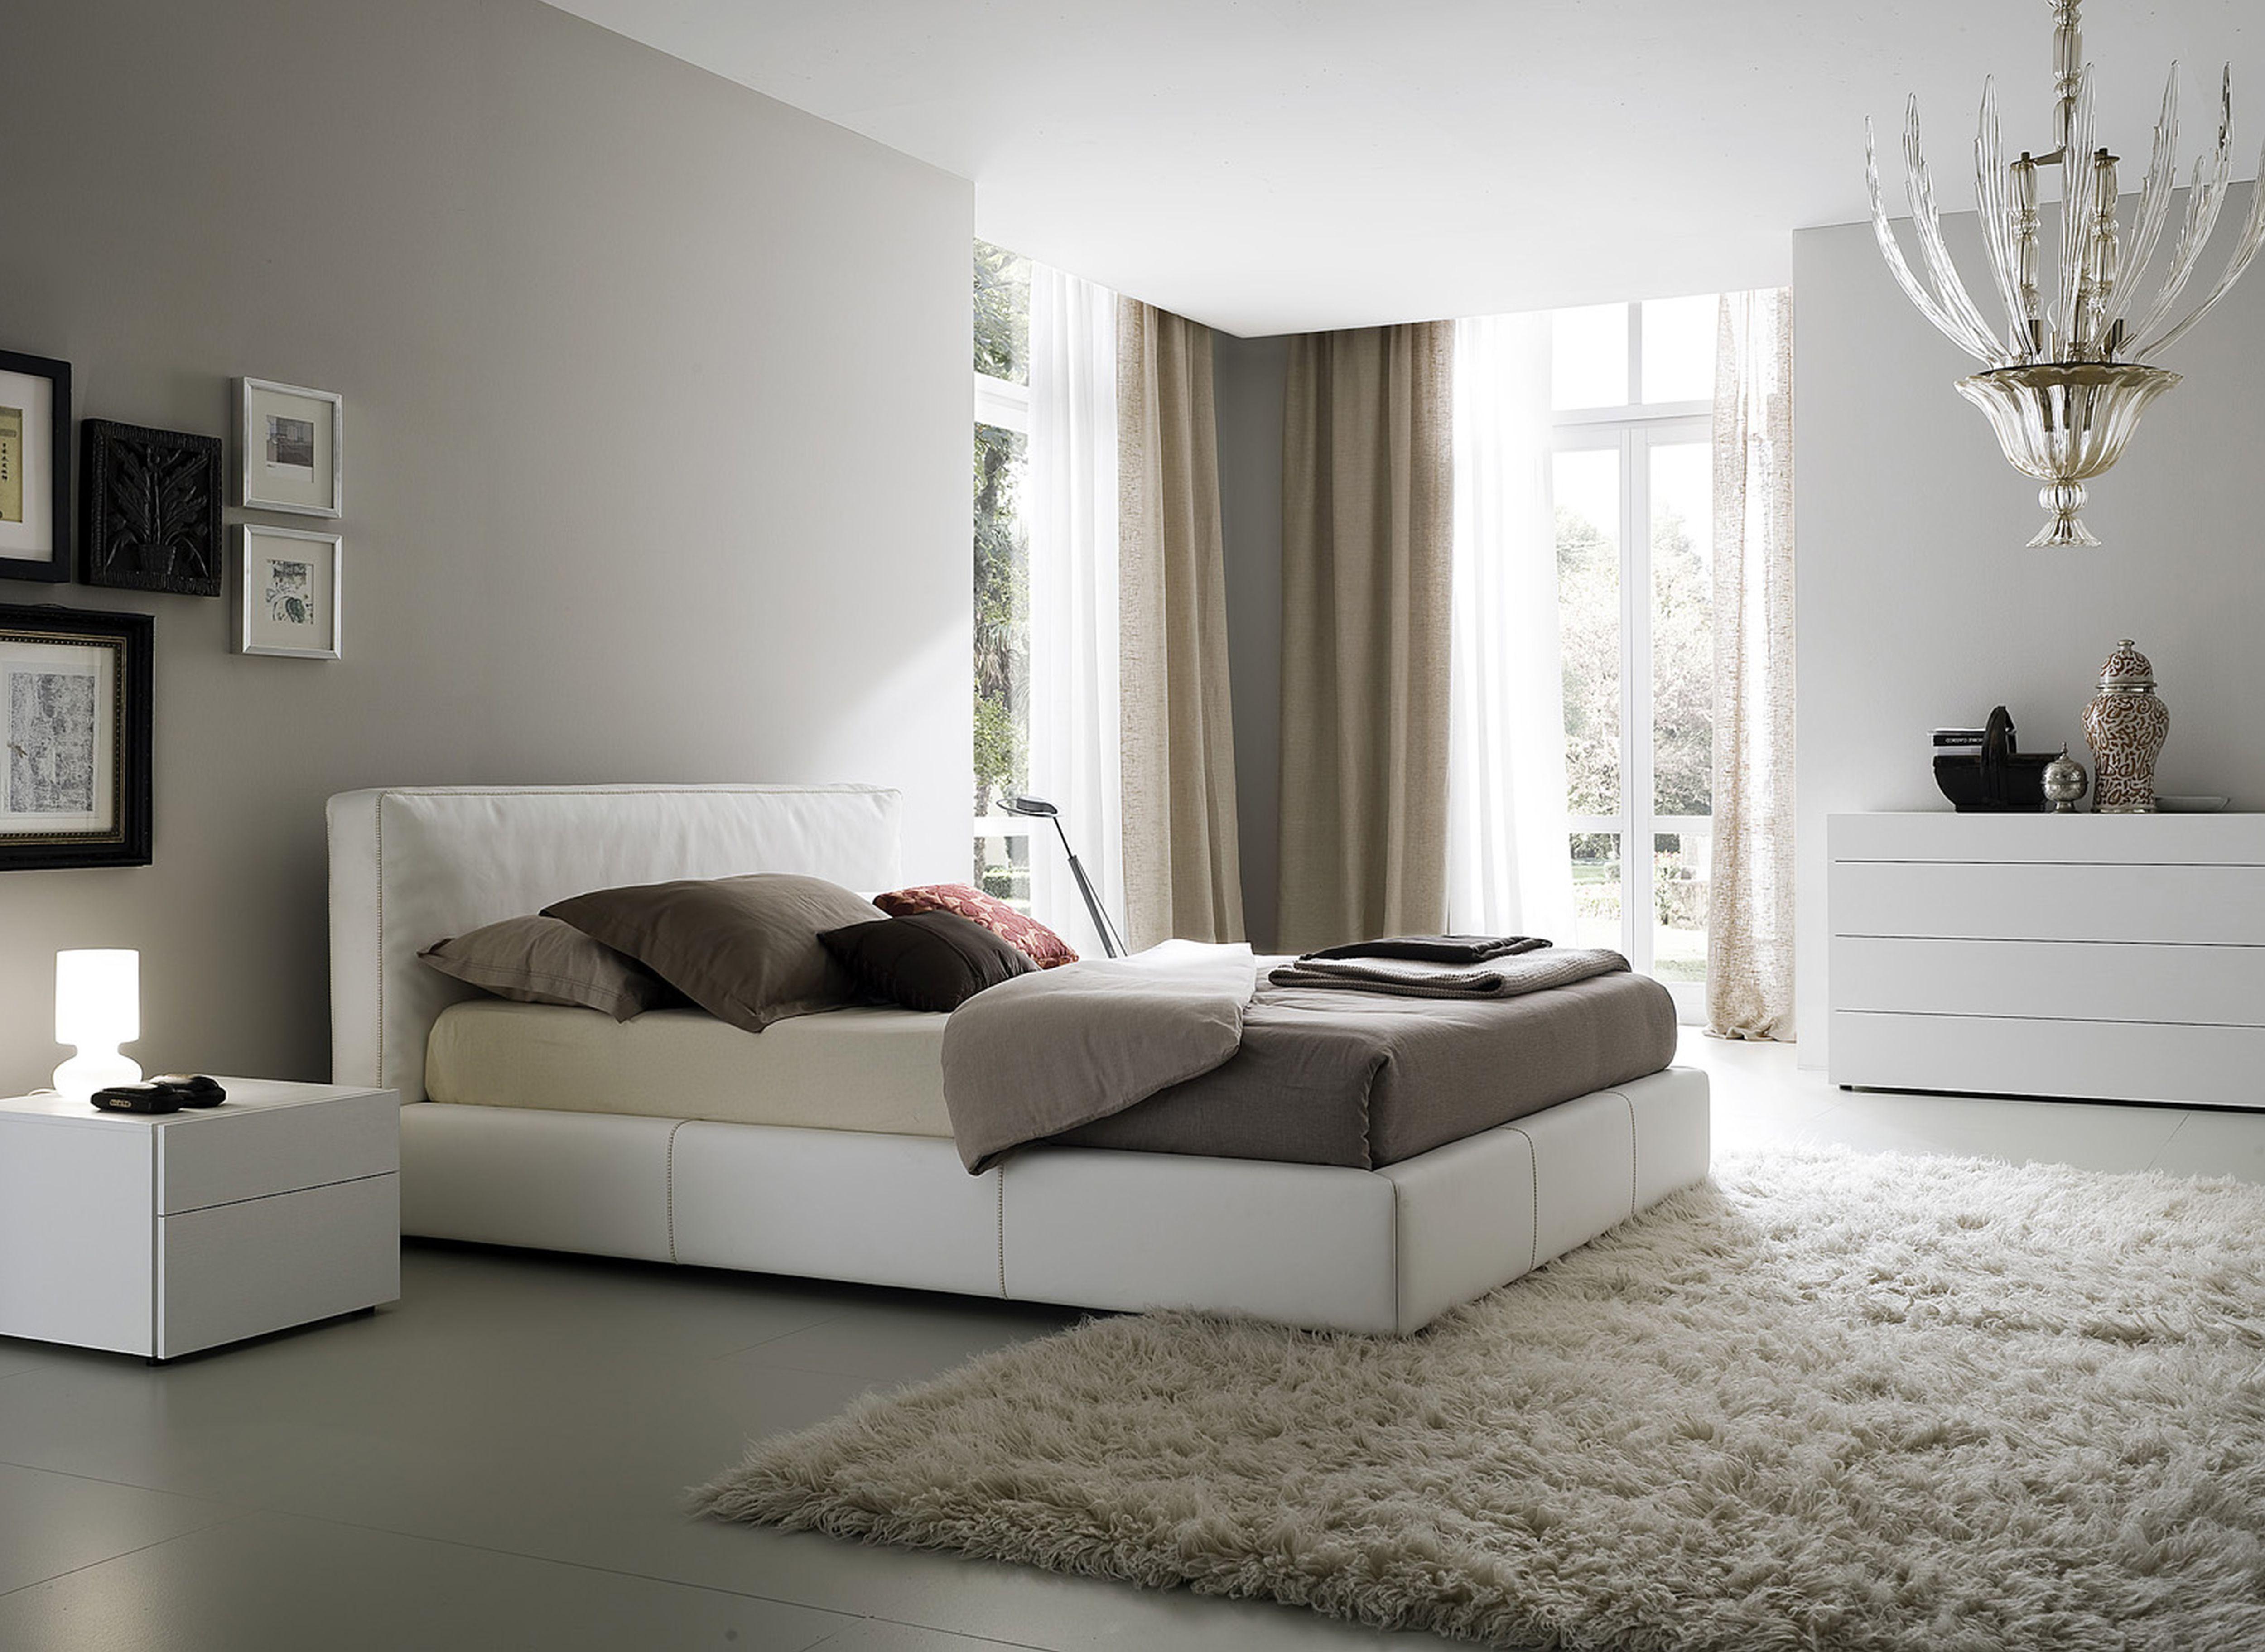 Gabungan dekorasi bilik tidur sempurna dengan langsir moden dipadankan dengan warna dinding dan cadar - perfect